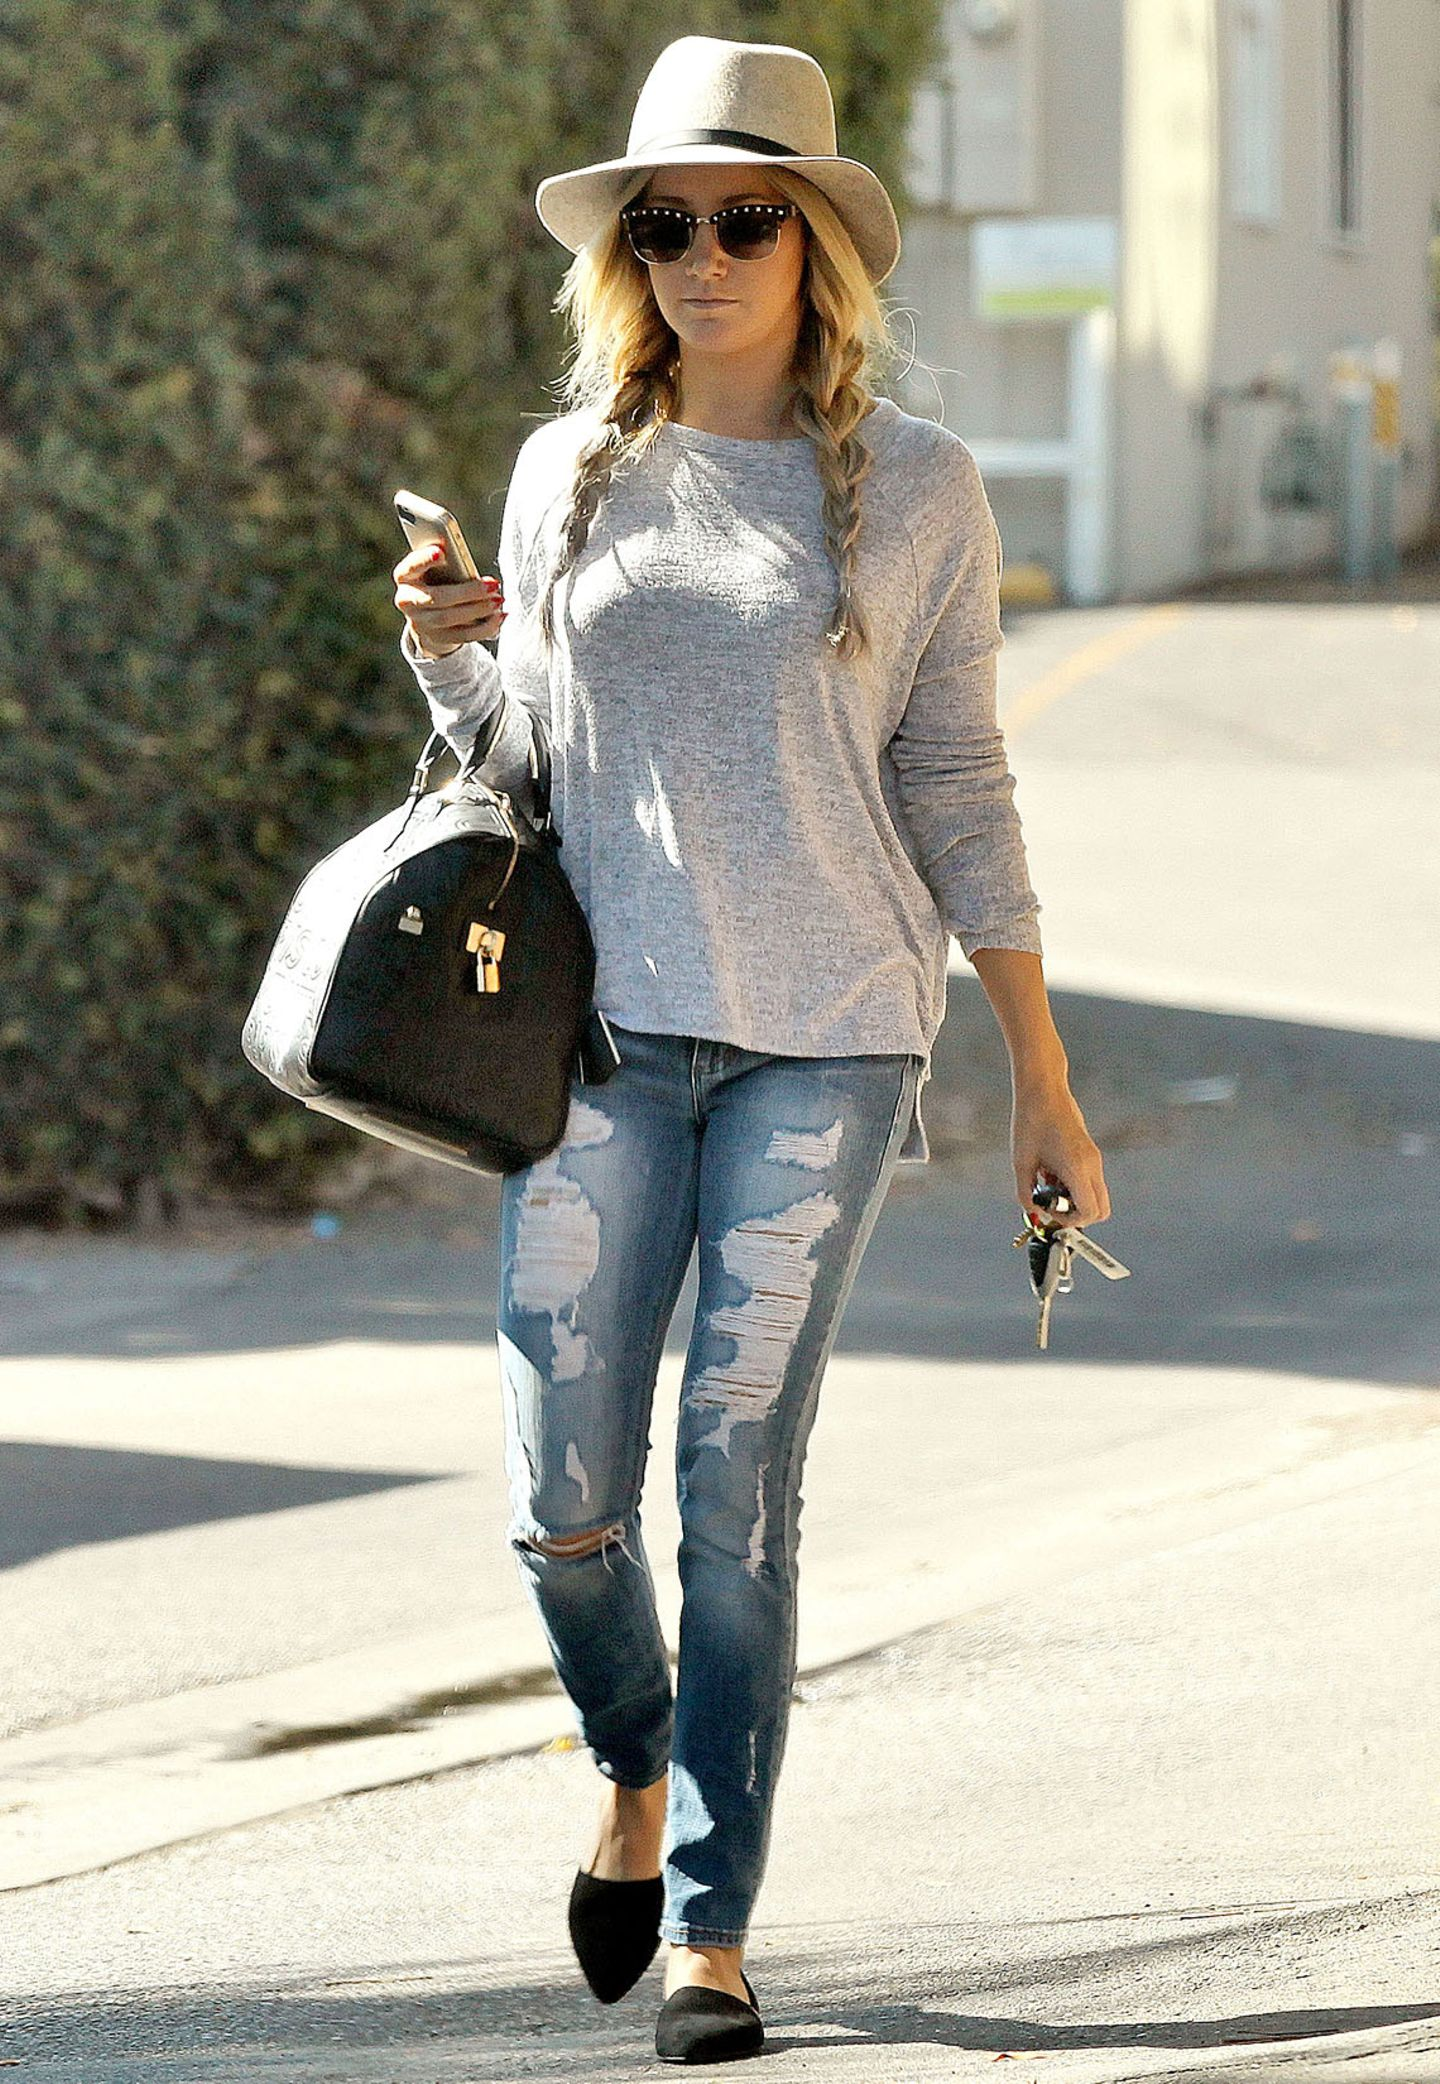 """""""High School Musical""""-Darstellerin Ashley Tisdale bringt durch elegante Accessoires wie spitze Ballerinas und eine Designer-Handtasche ihr legeres Outfit zum Glänzen."""